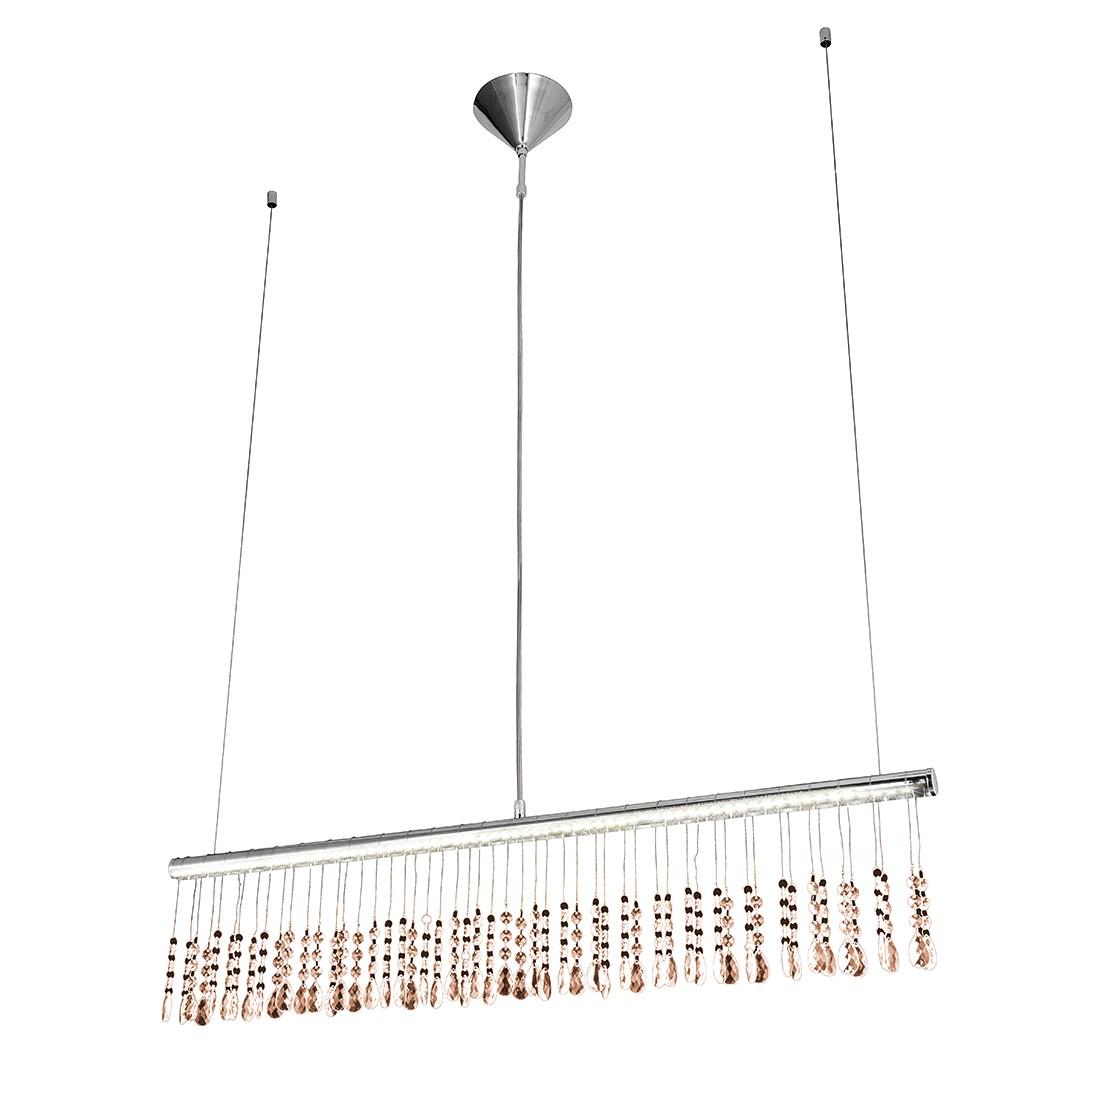 energie  A+, Hanglamp Ida Led by Leuchten Direkt - zilverkleurig ijzer 1 lichtbron, Leuchten Direkt